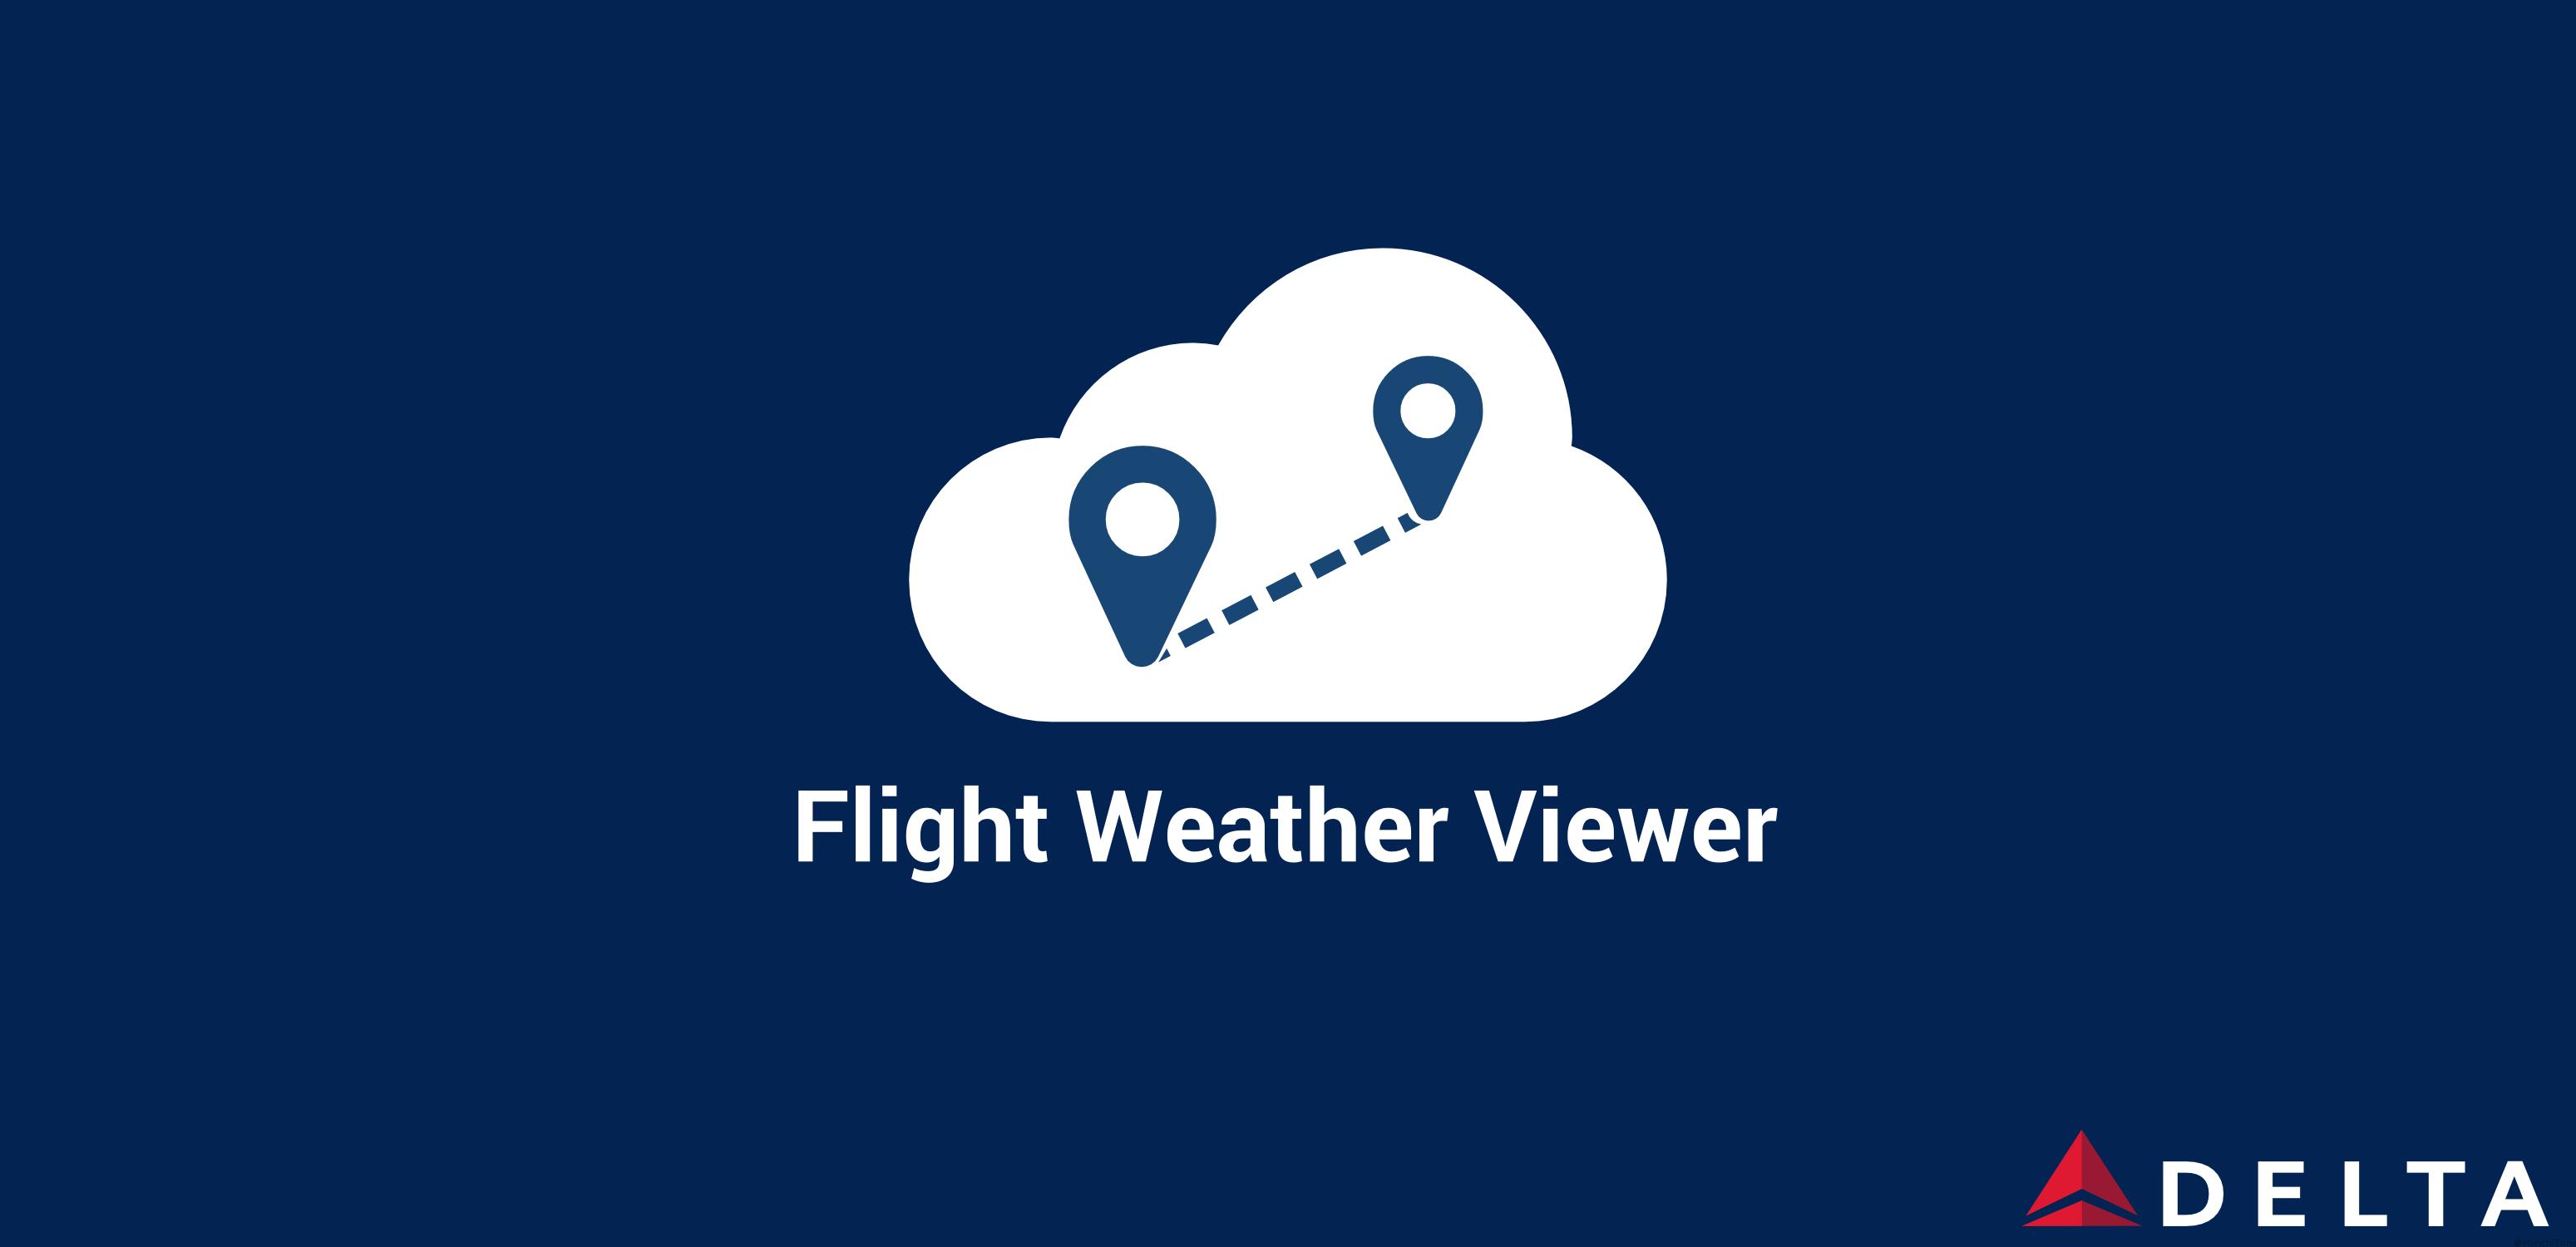 Delta Flight Weather Viewer app